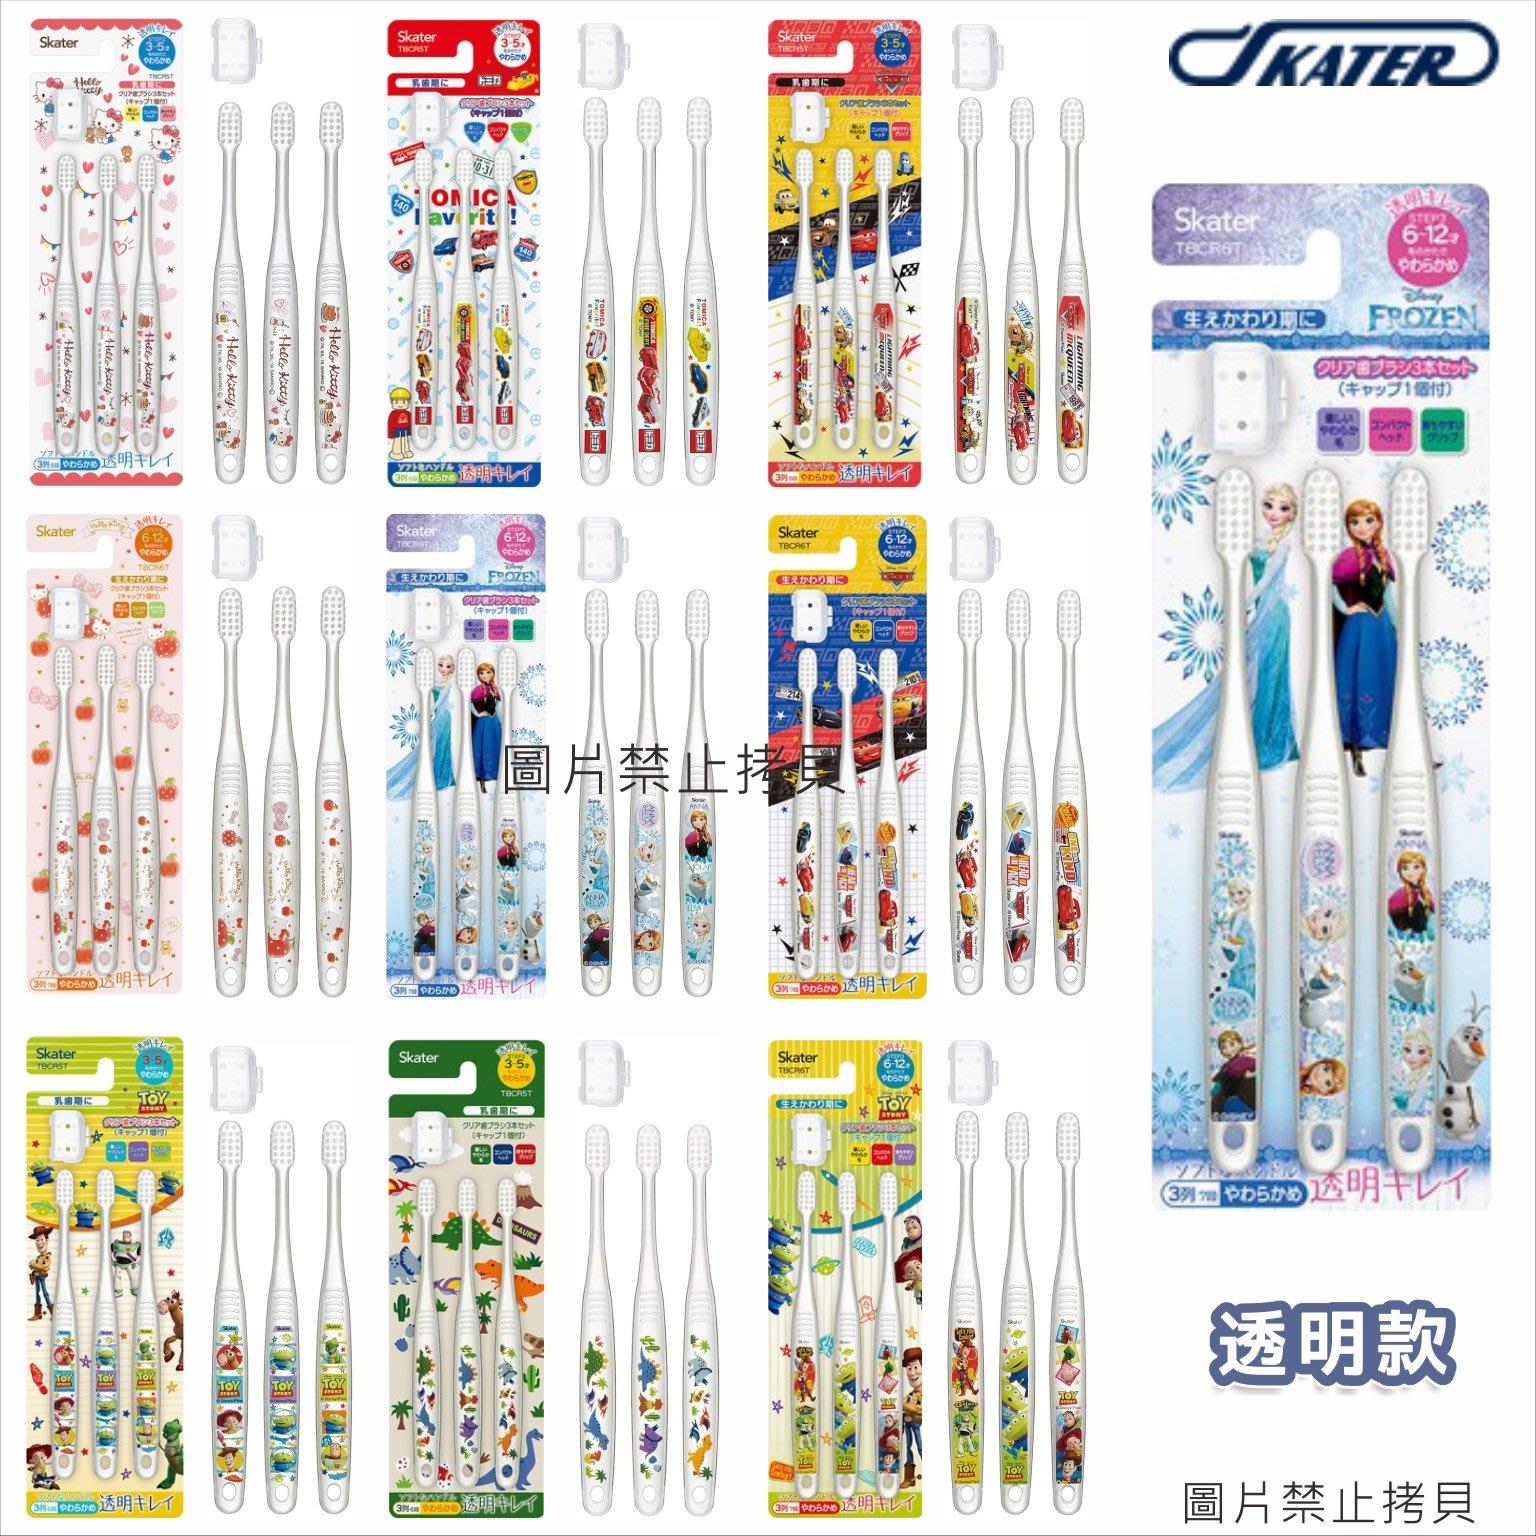 日本熱銷 Skater兒童牙刷3入組 透明款(附蓋)3~5/6~12歲 TOMICA汽車/冰雪女王/玩具總動員